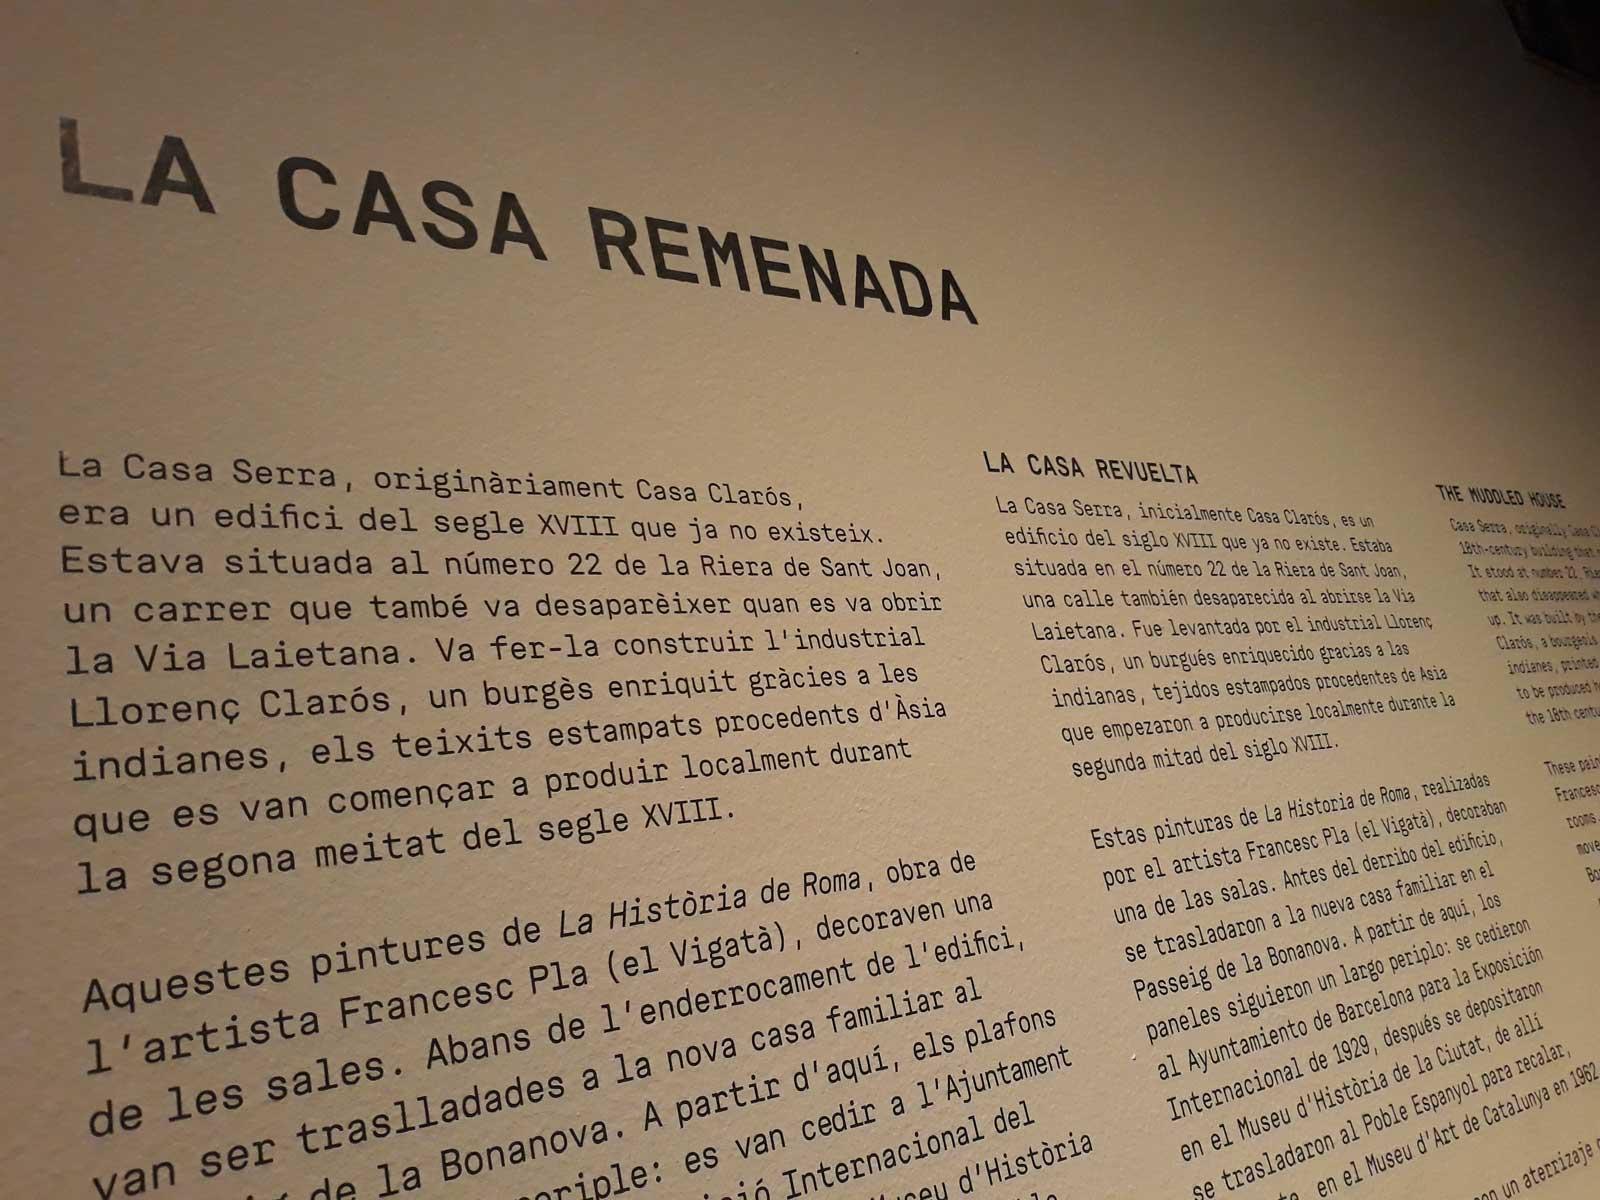 Projecte - El museu dels objectes perduts - museografia - Iuris.doc | Màrqueting de continguts